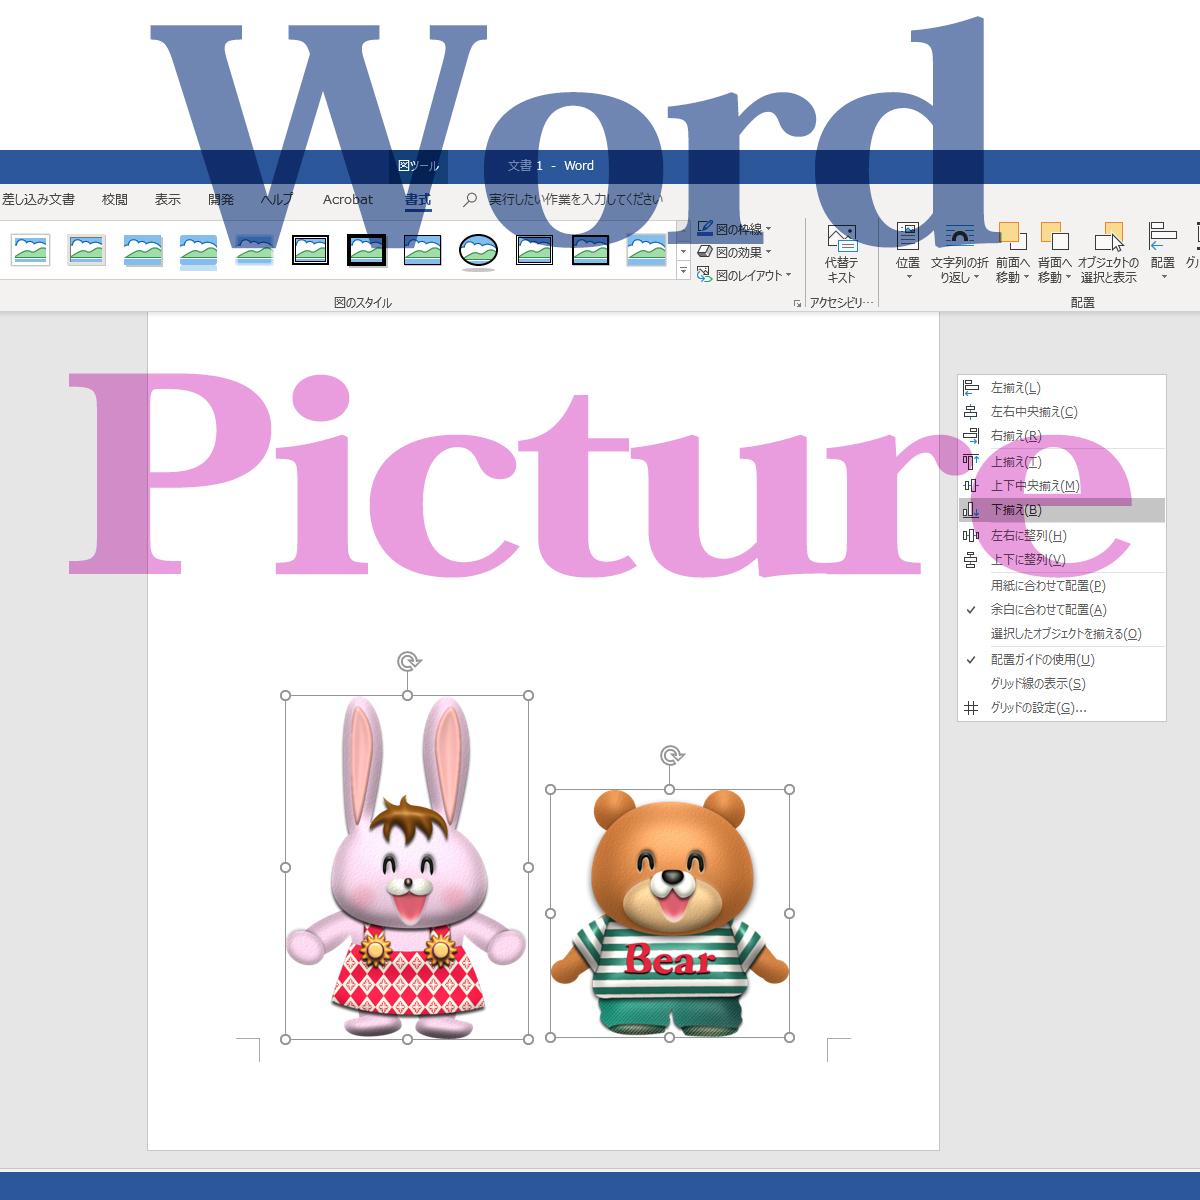 ワードで画像を配置・整列